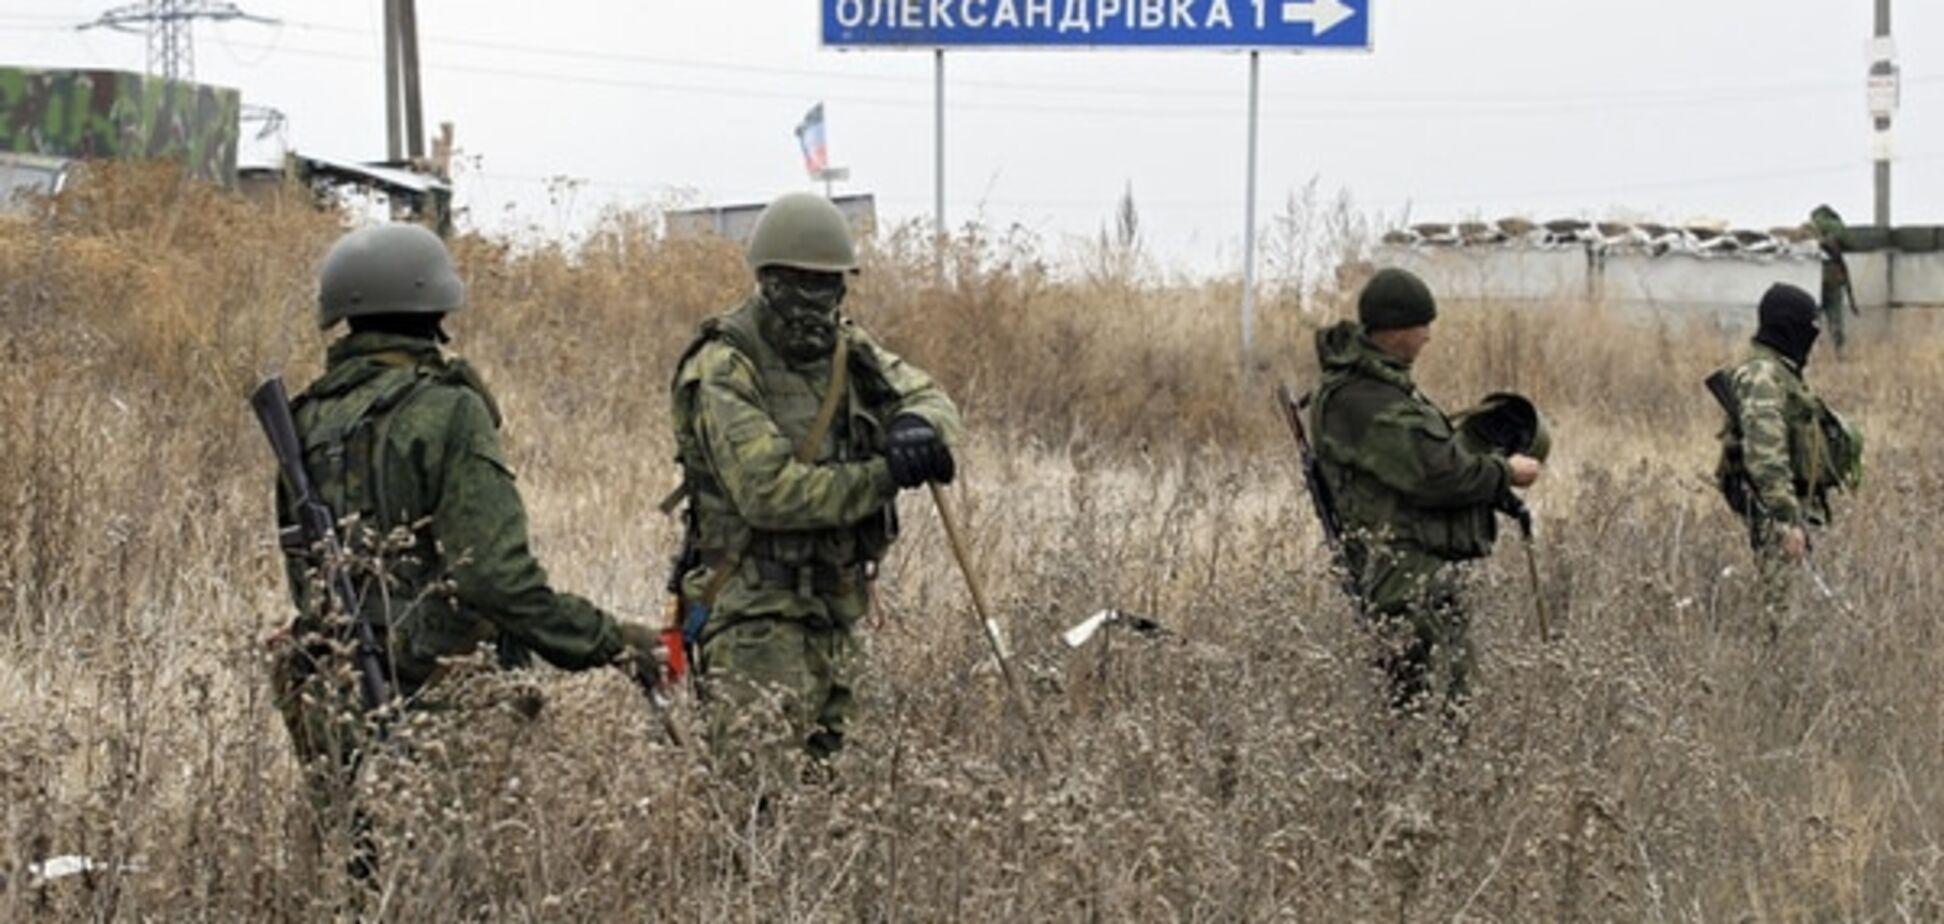 Перемир'я по-російськи: найманці обстріляли воїнів АТО з гранатометів і зеніток 13 раз